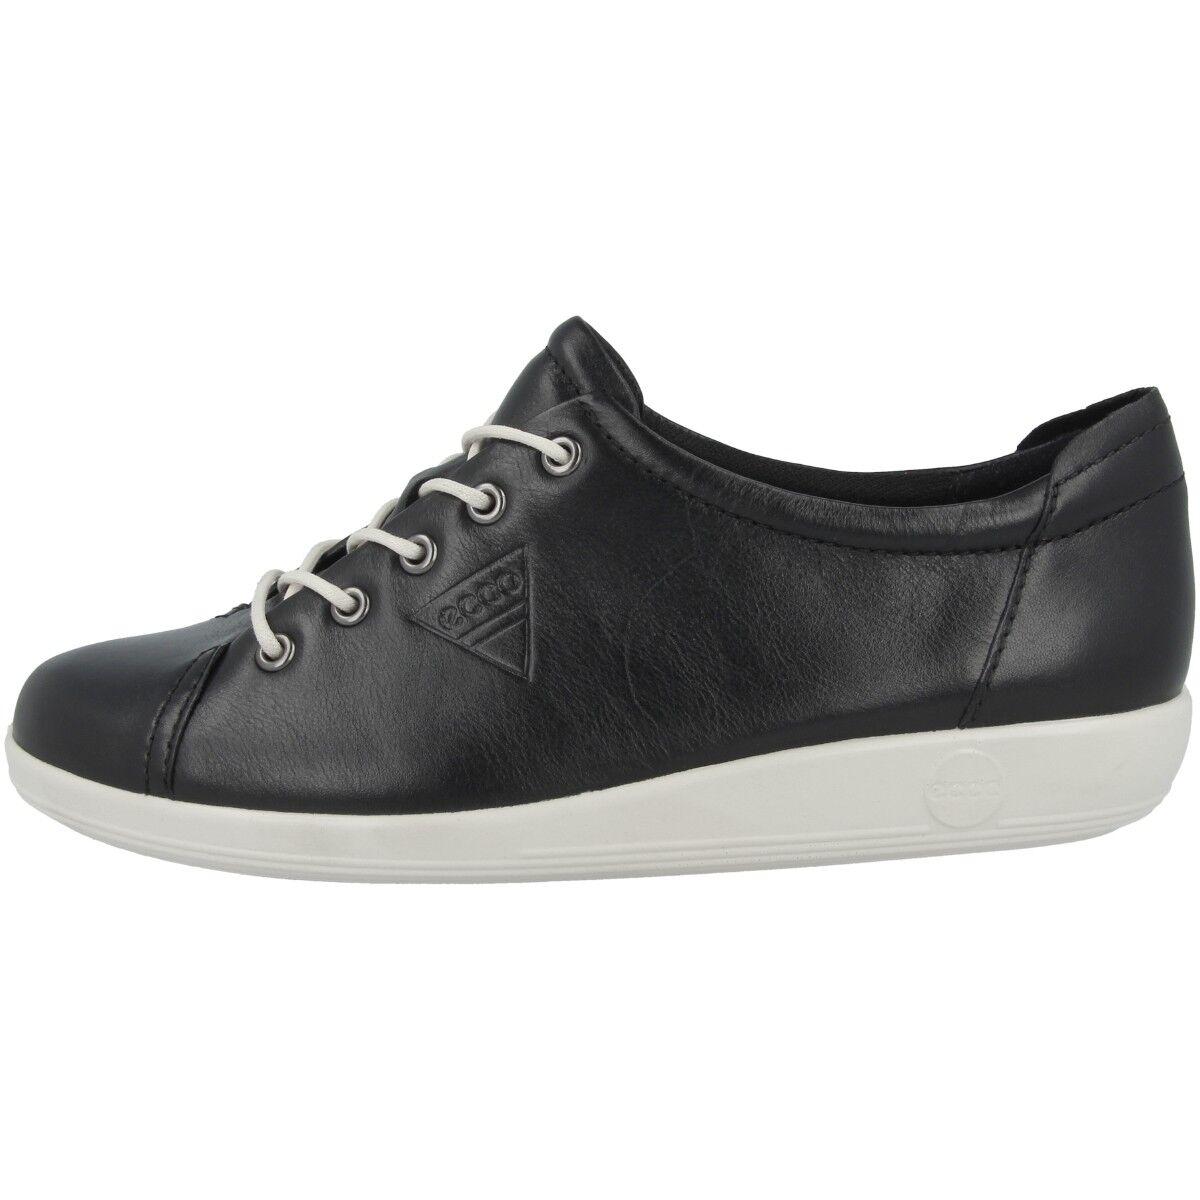 Ecco Soft 2.0 Ladies Scarpe da Donna in Pelle Lacci scarpe da ginnastica nero 206503-01001